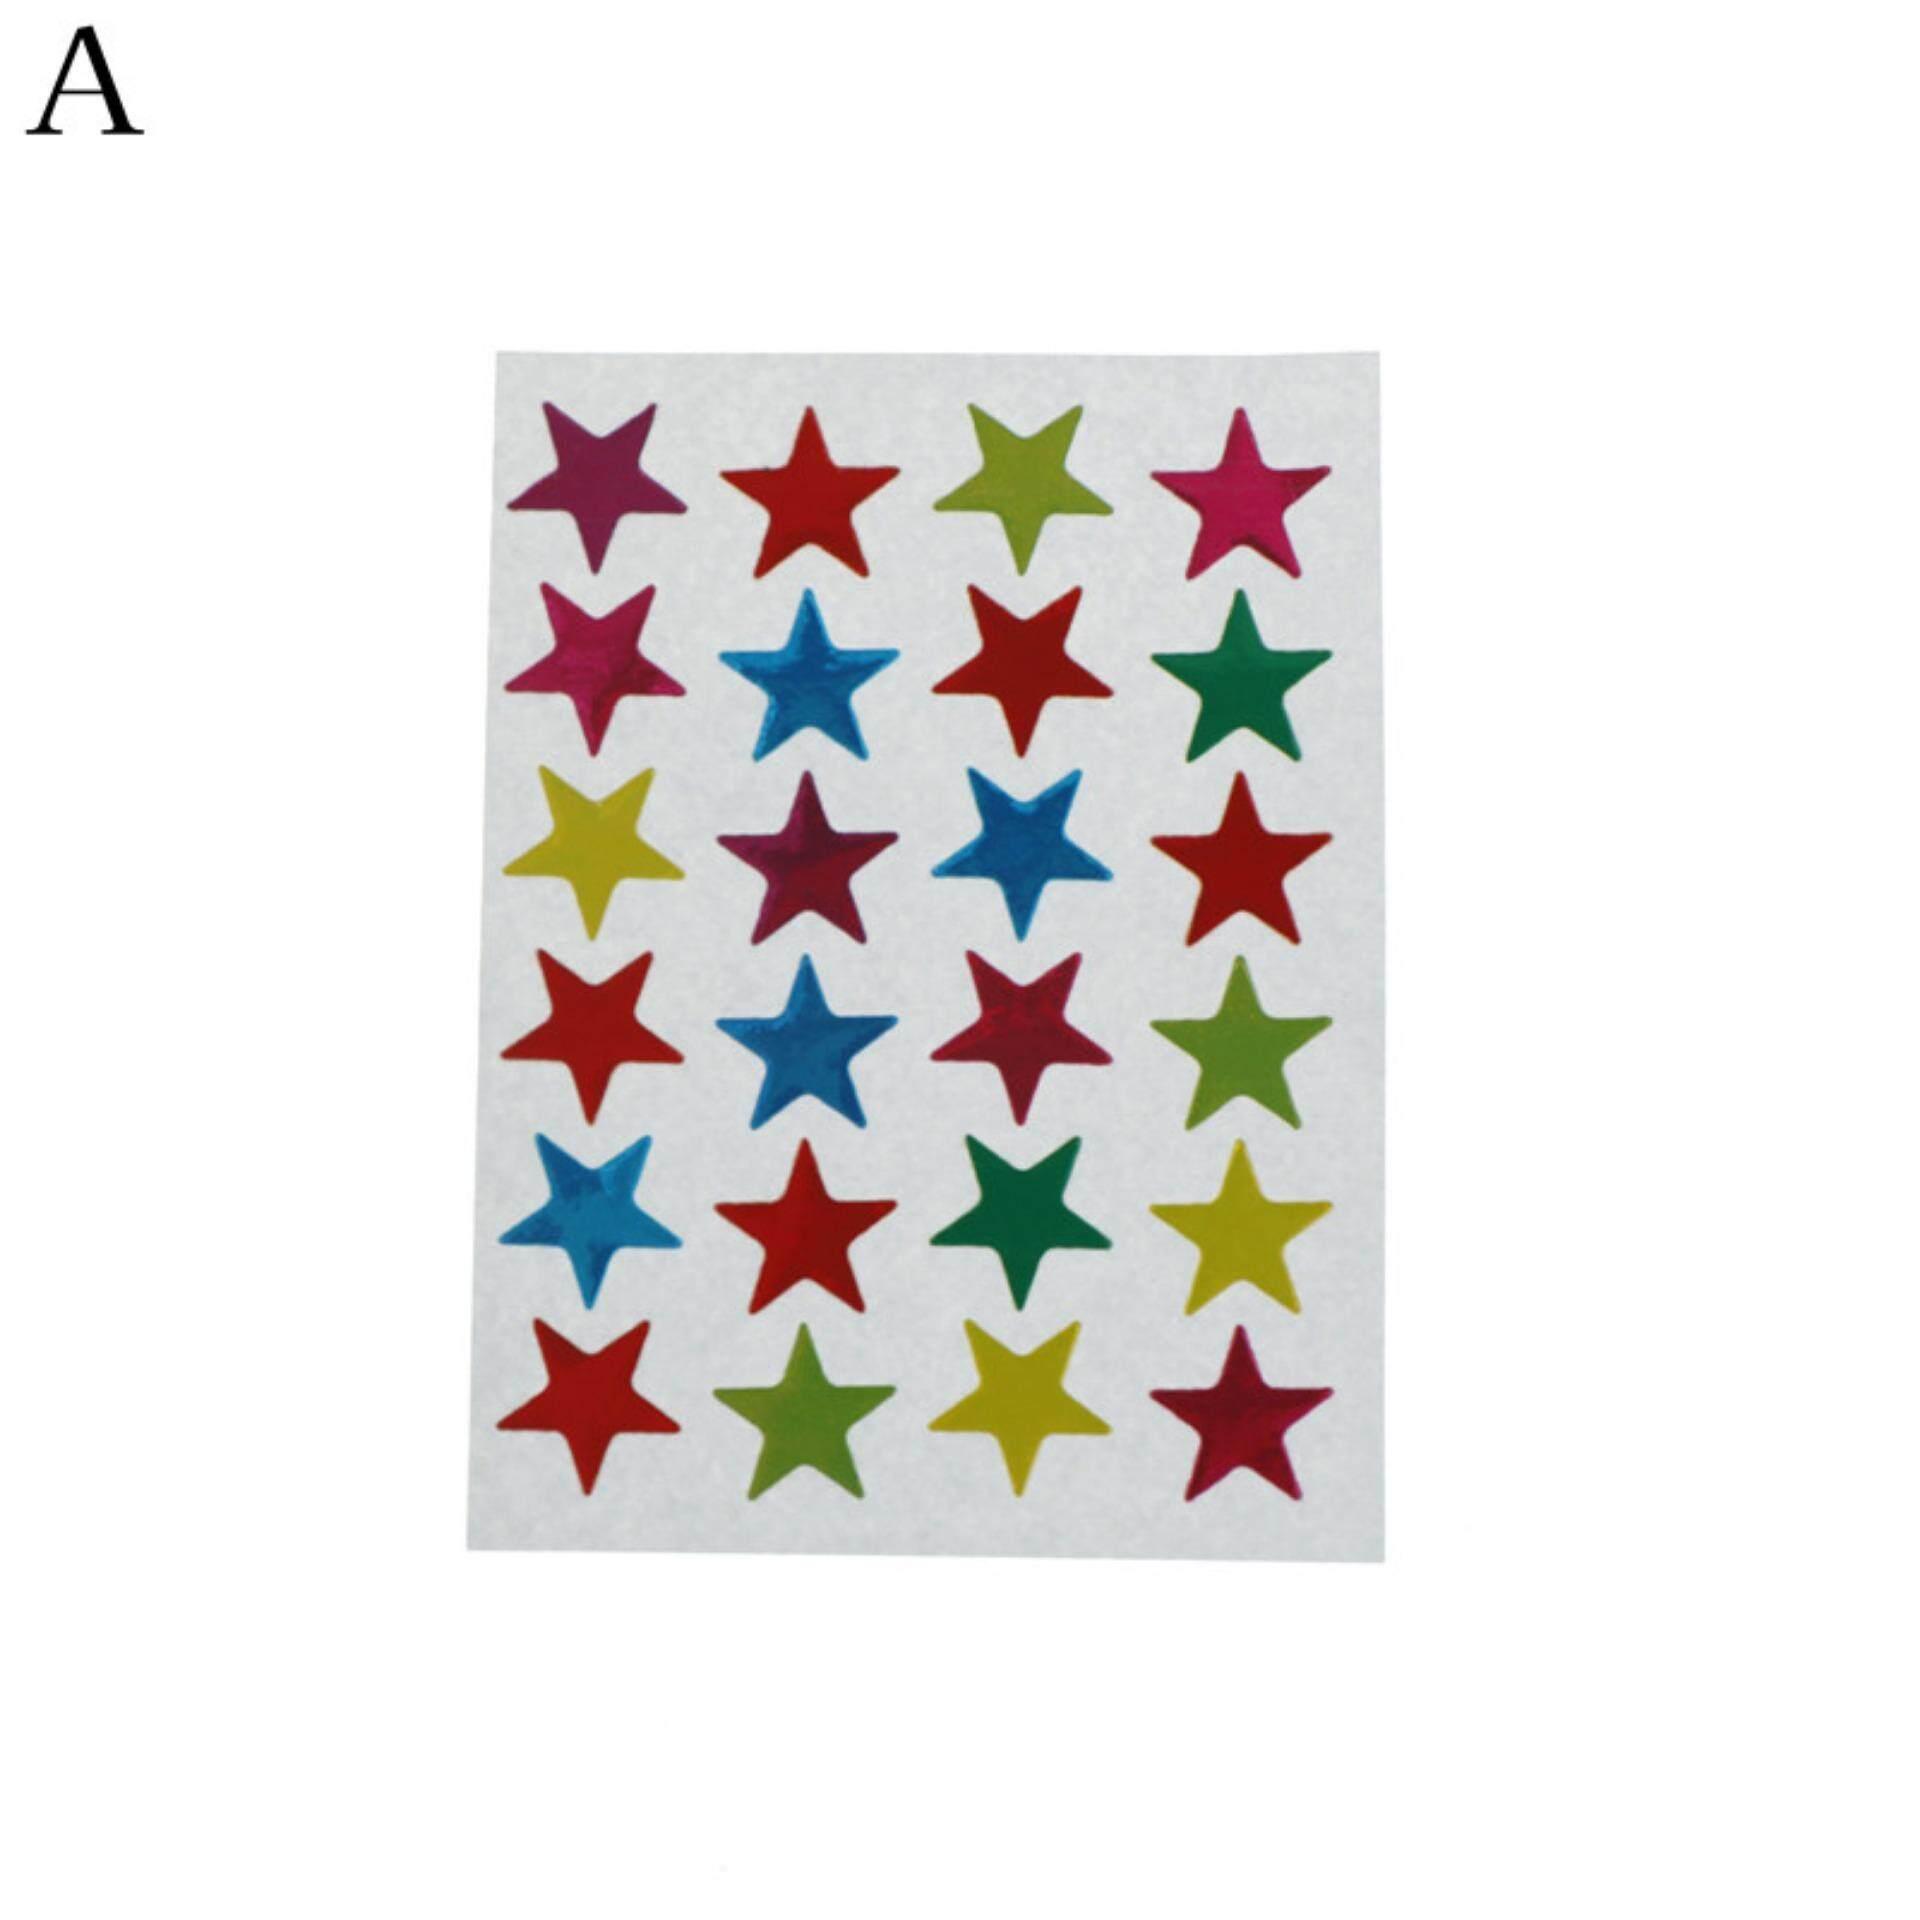 Mua Mini Các loại màu Ba Chiều Nhãn Dán Ngôi Sao Trẻ Em Dự Án Con Dấu Phong Bì